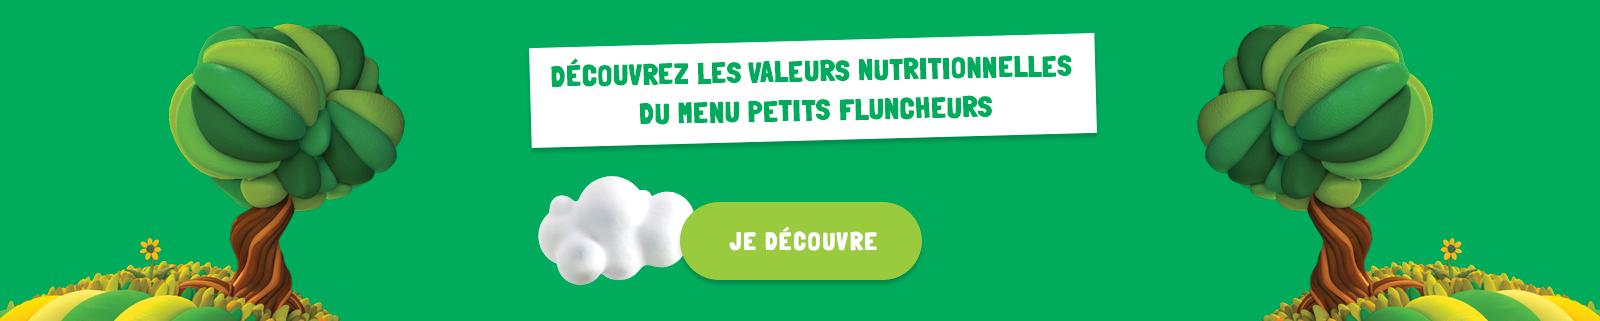 valeurs nutritionnelles menu enfants